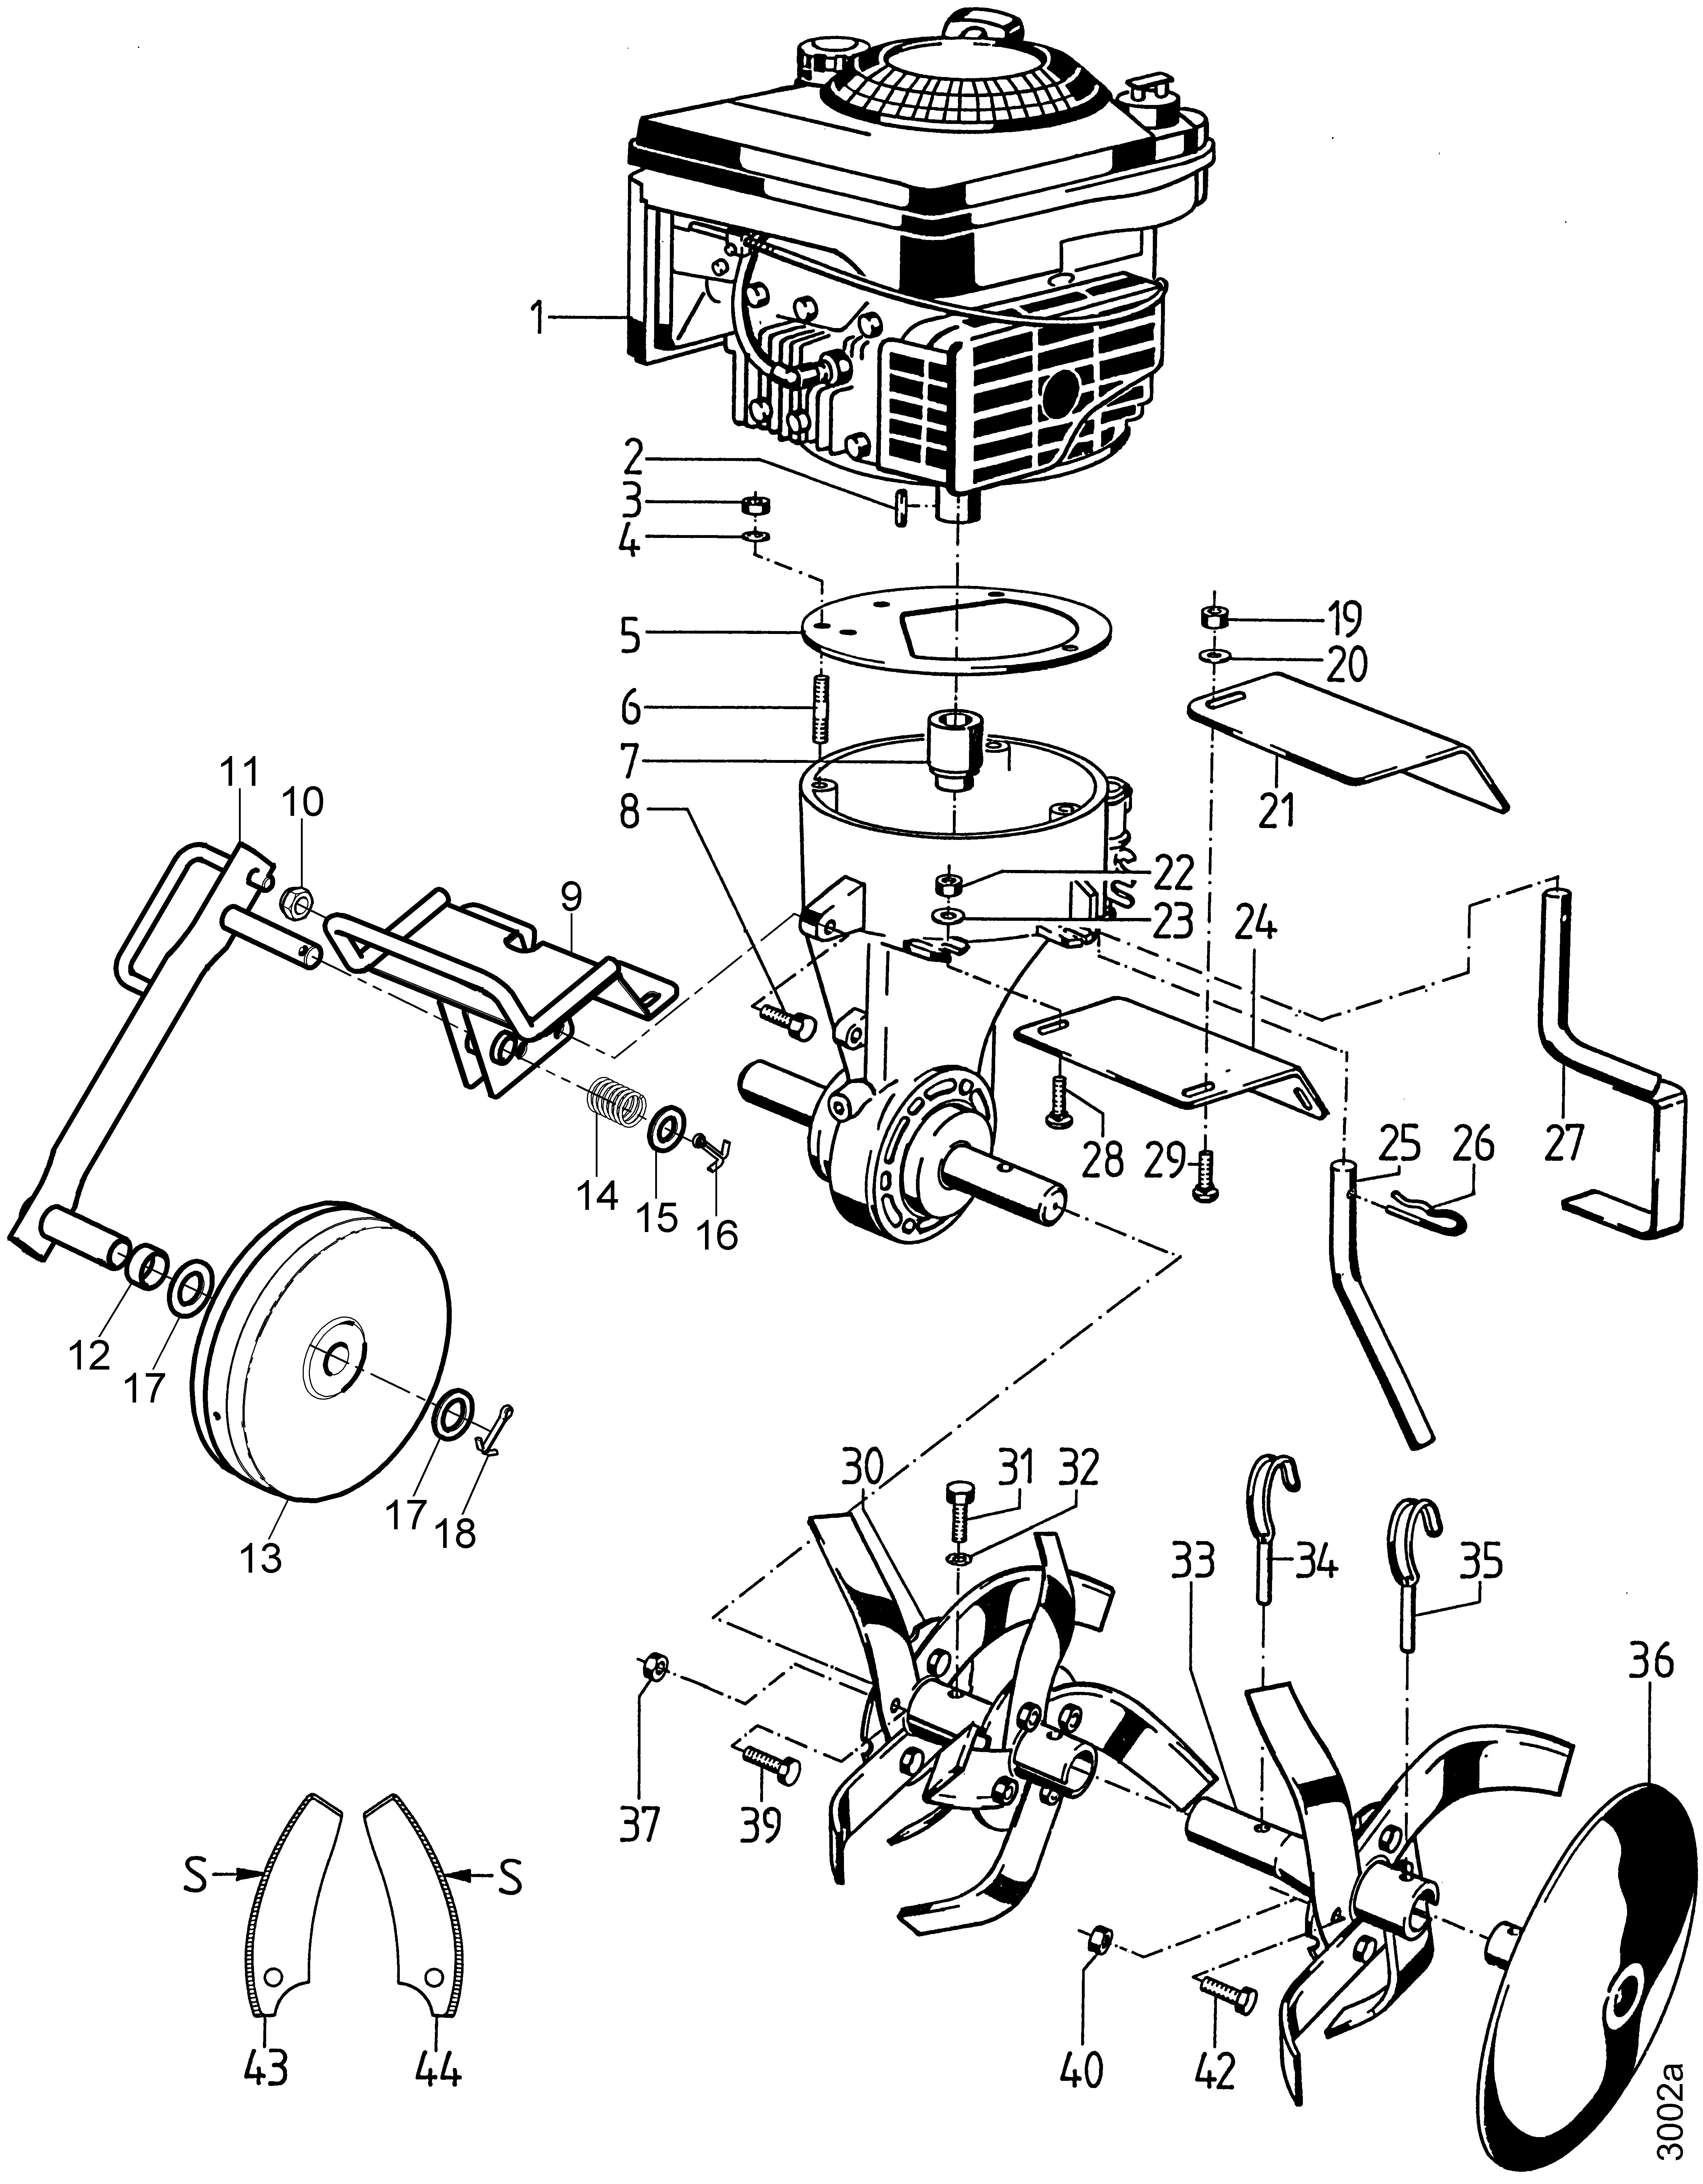 Moteur, plaque de protection, outils binage, roue d'avant